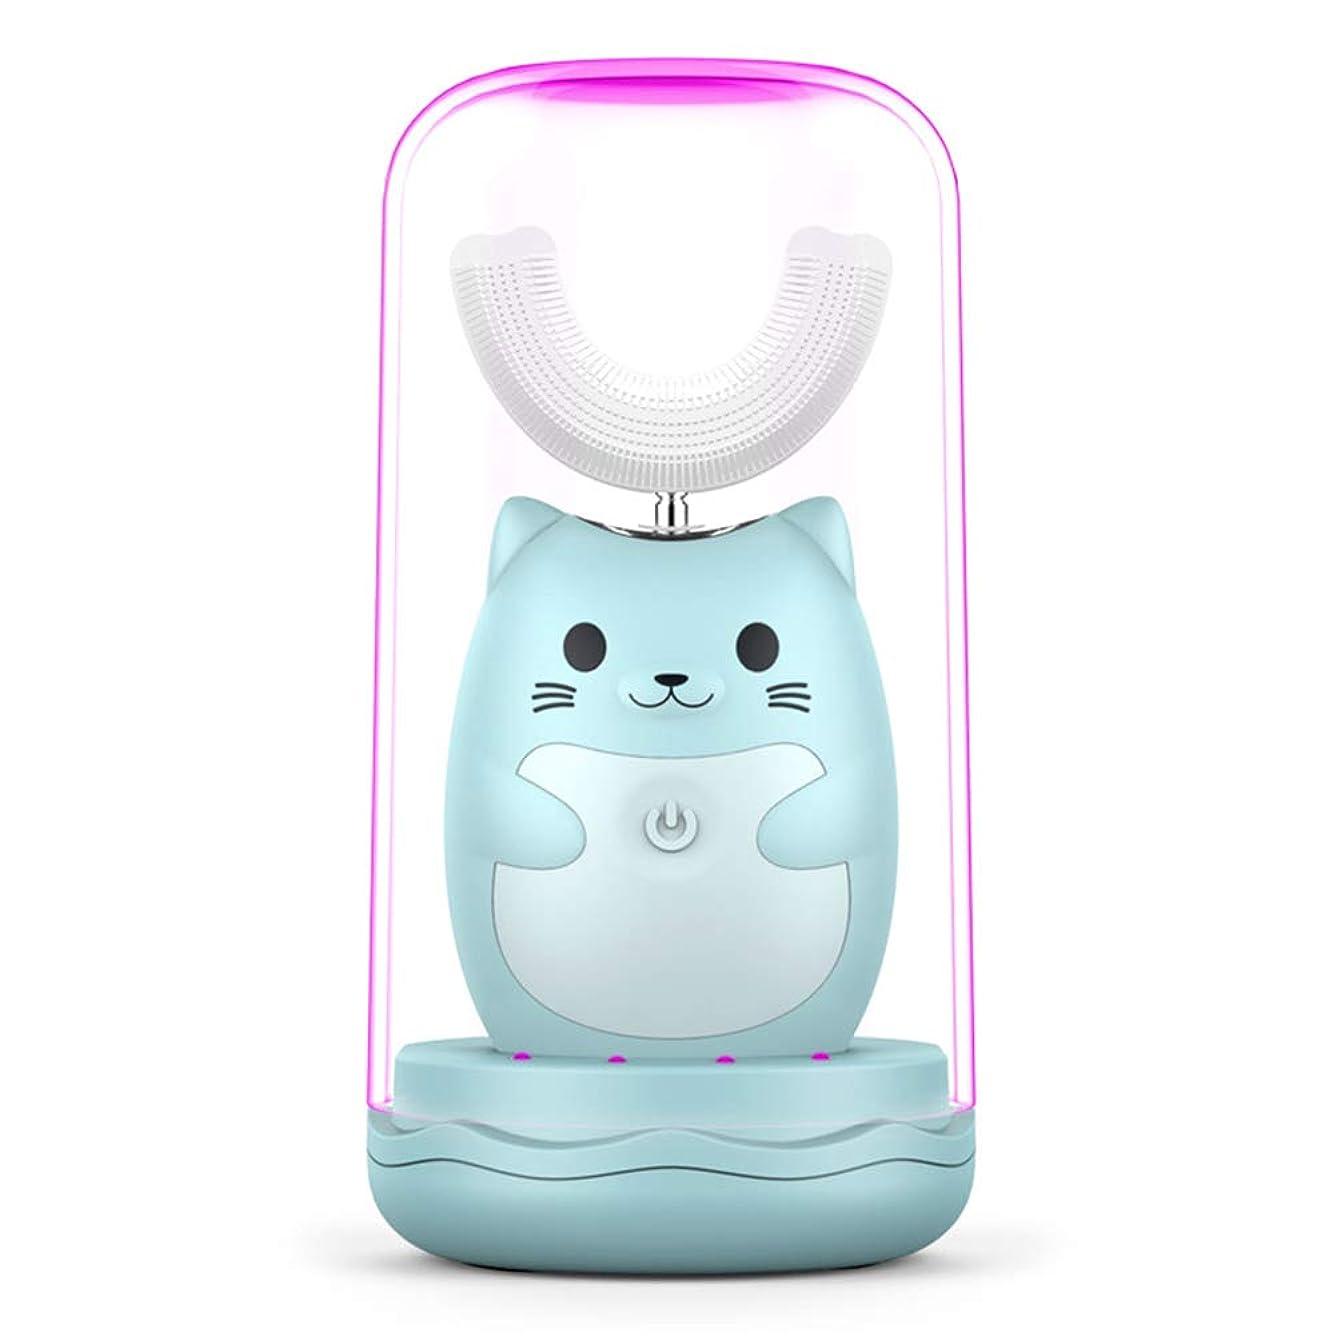 自発的アカウント書き出す超音波子供電動歯ブラシ3スピードクリーニングモード歯ホワイトニング消毒うがいカップ6-12歳児